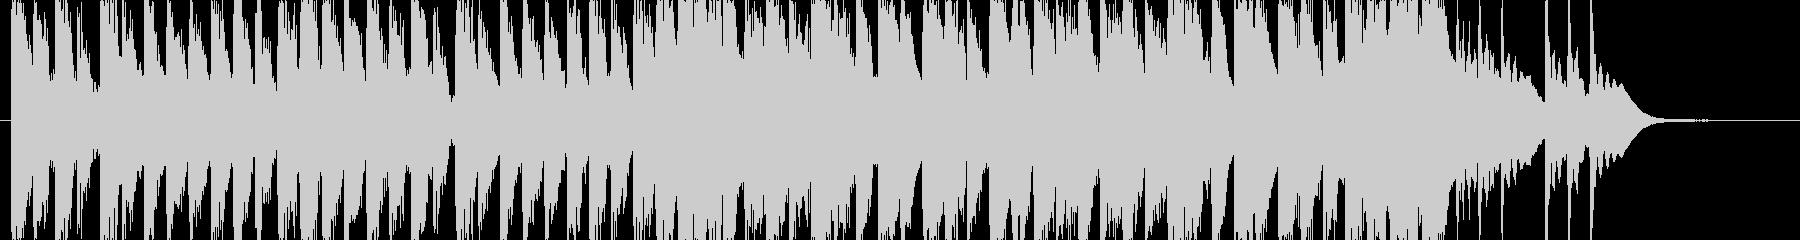 ポップでキュートなキラキラエレクトロニカの未再生の波形